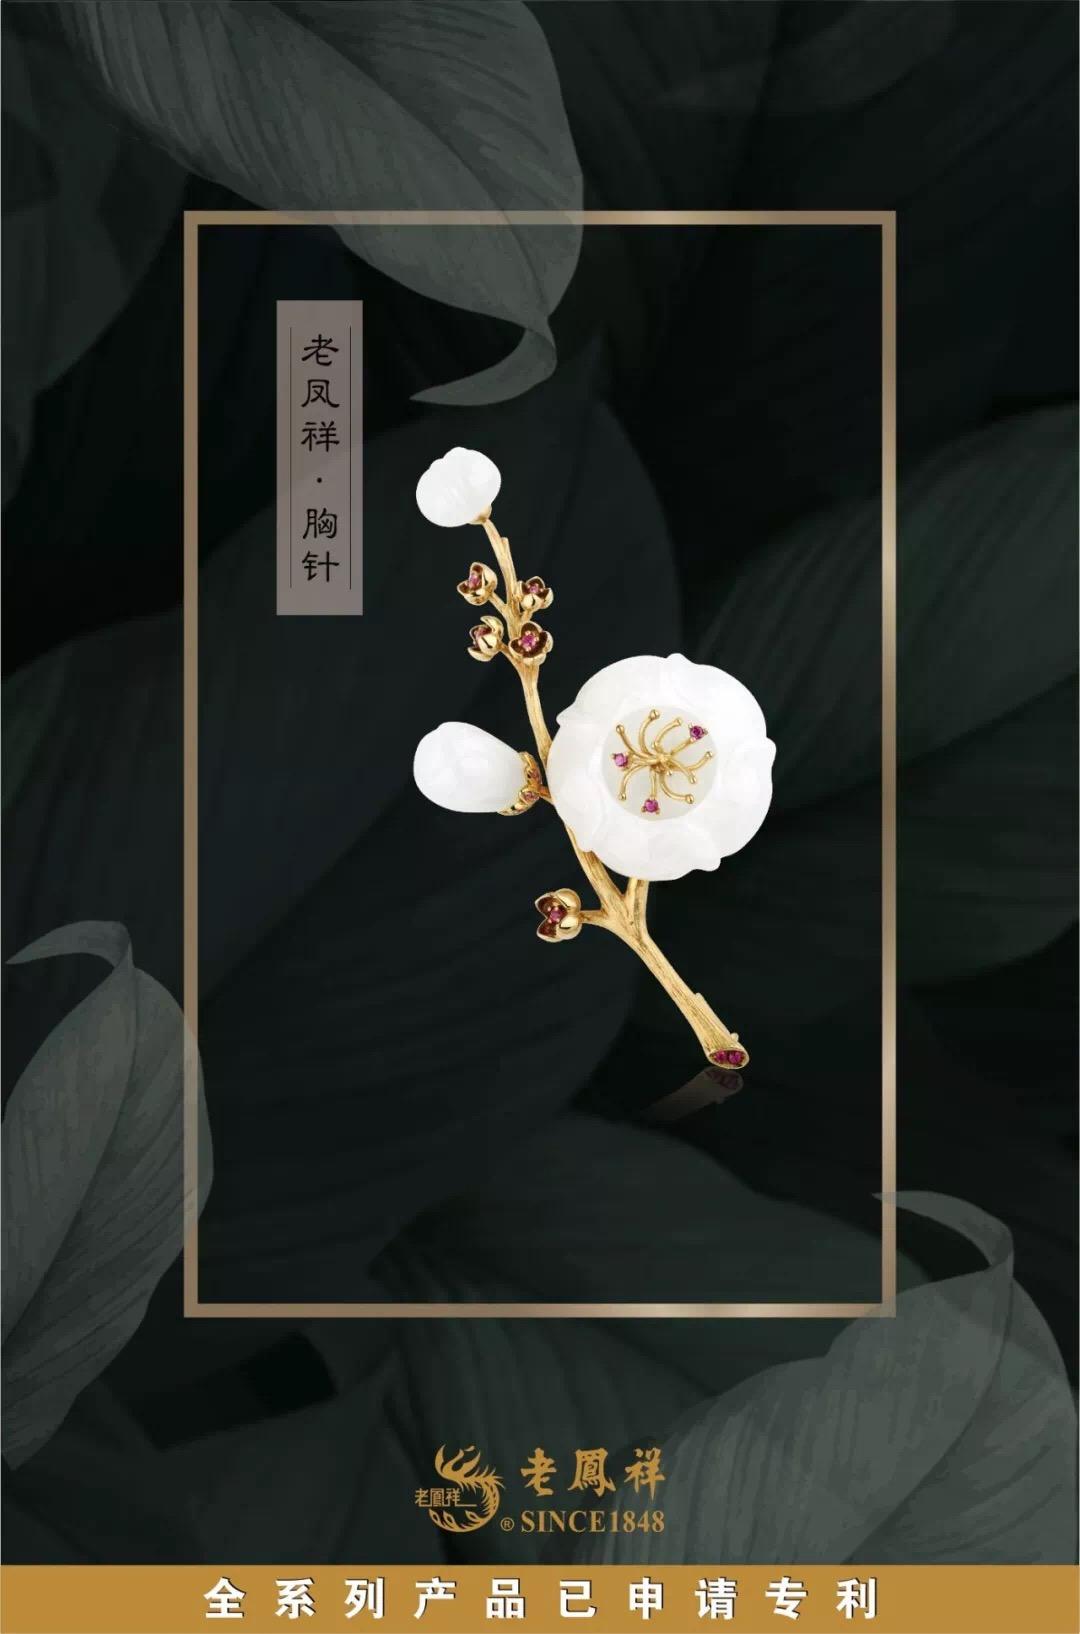 今年老凤祥首饰文化节看什么?胸针引爆时尚热潮